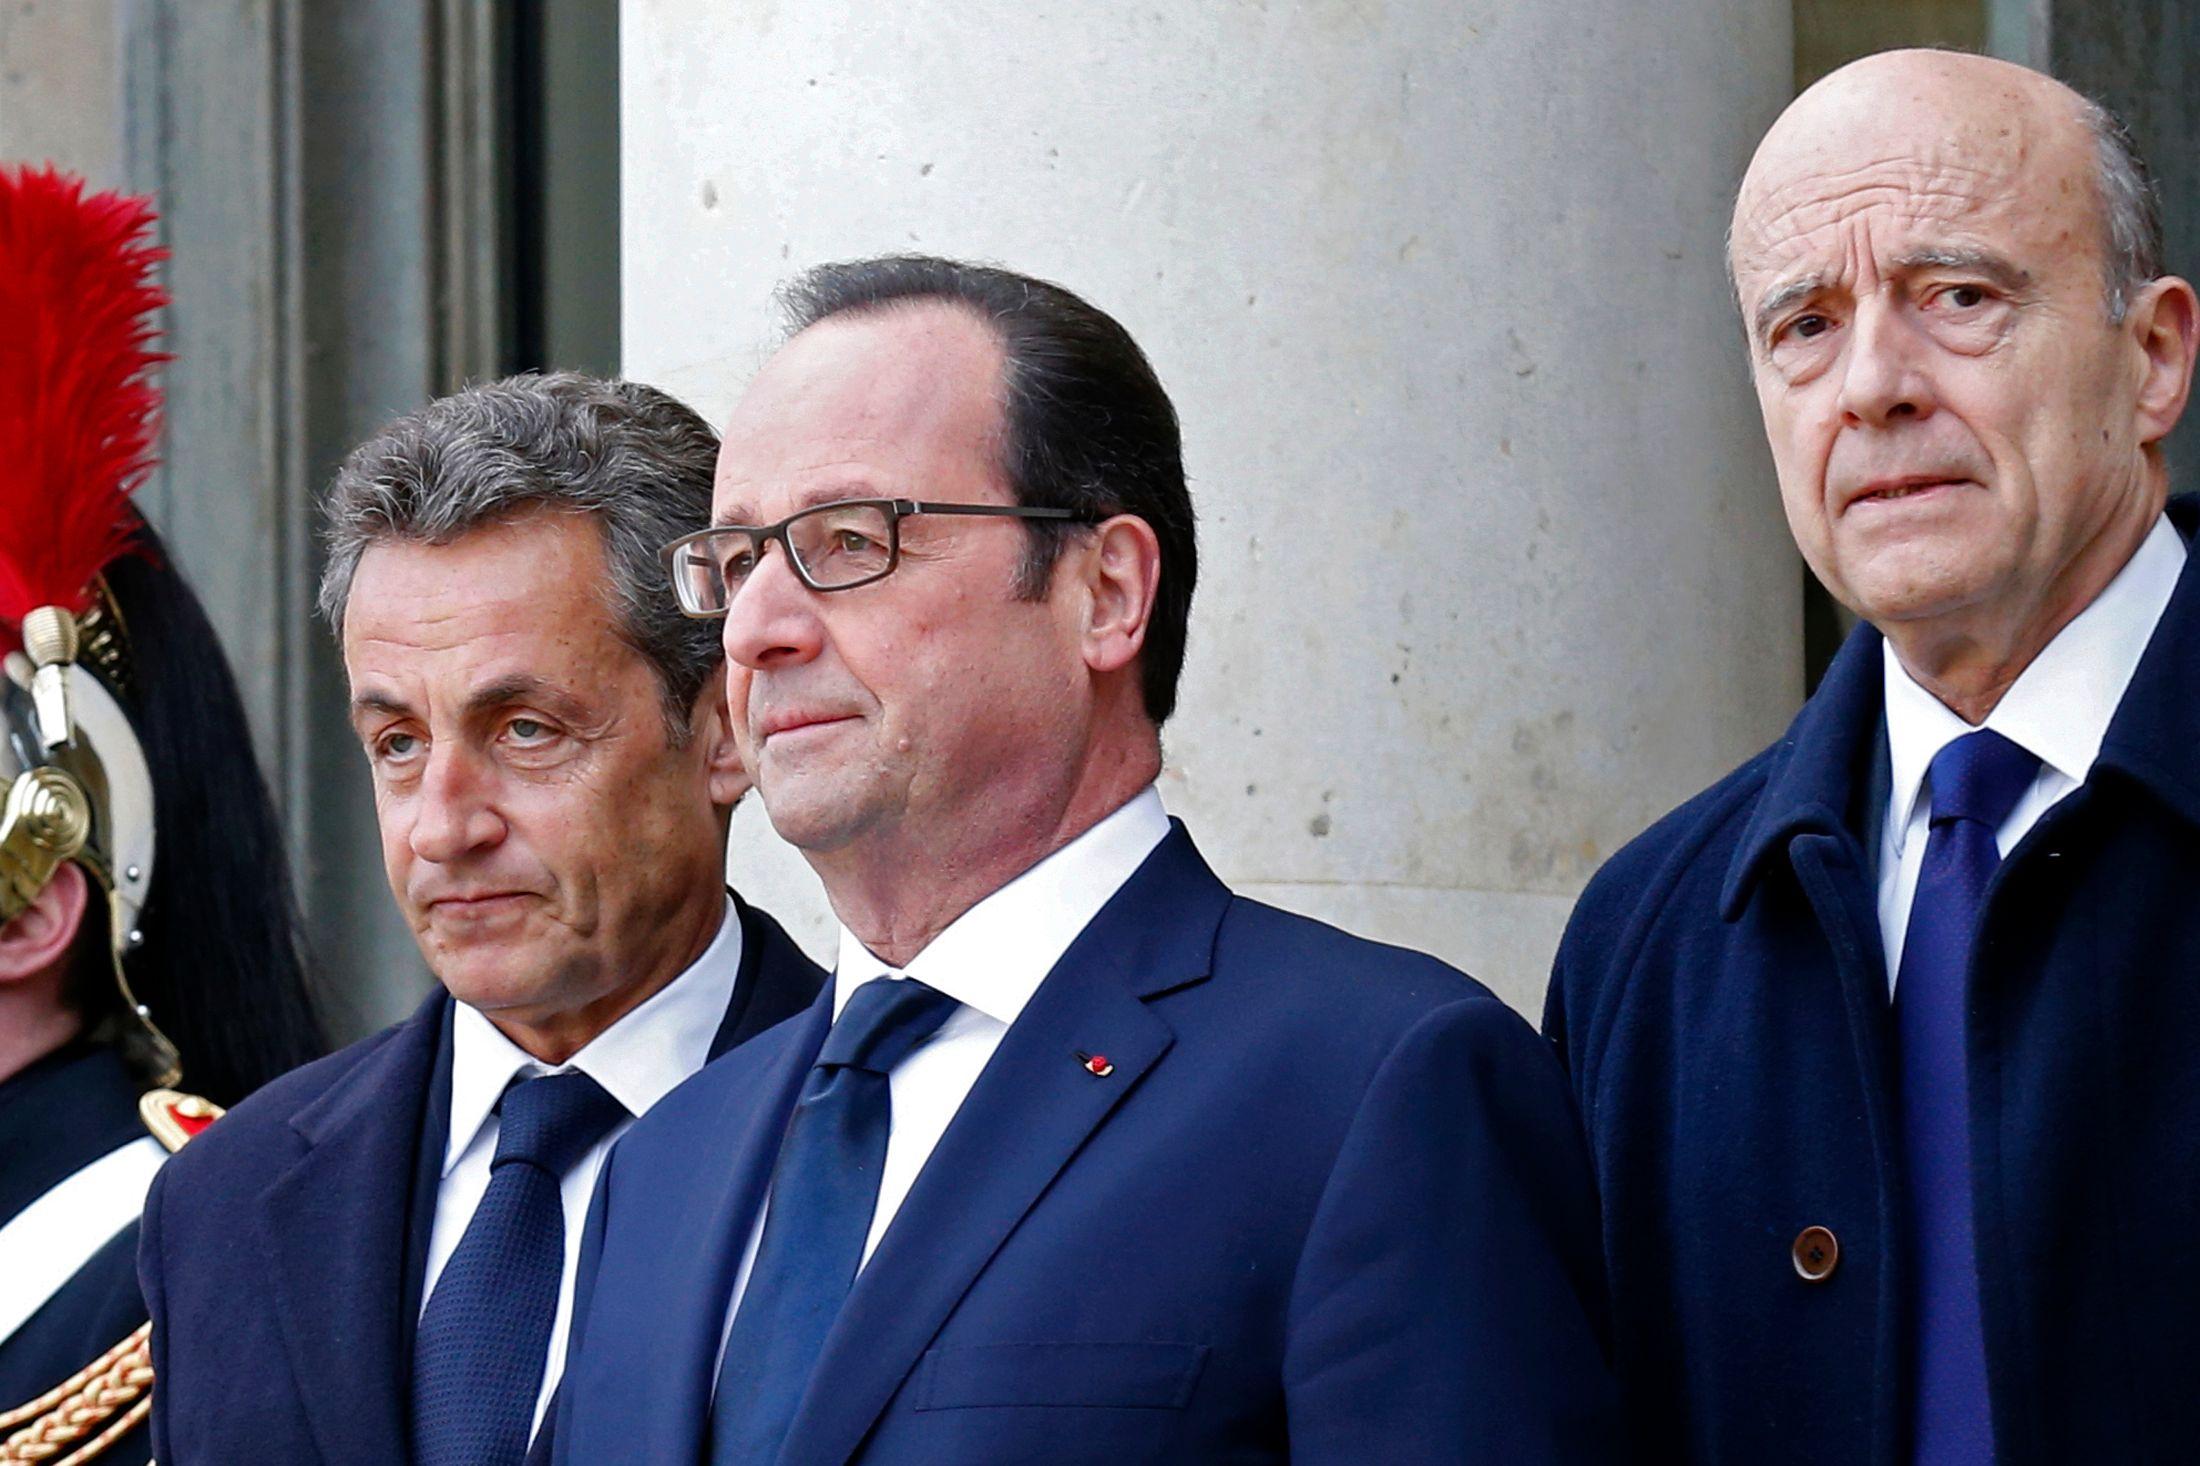 Popularité : Hollande poursuit sa chute, Juppé grimpe